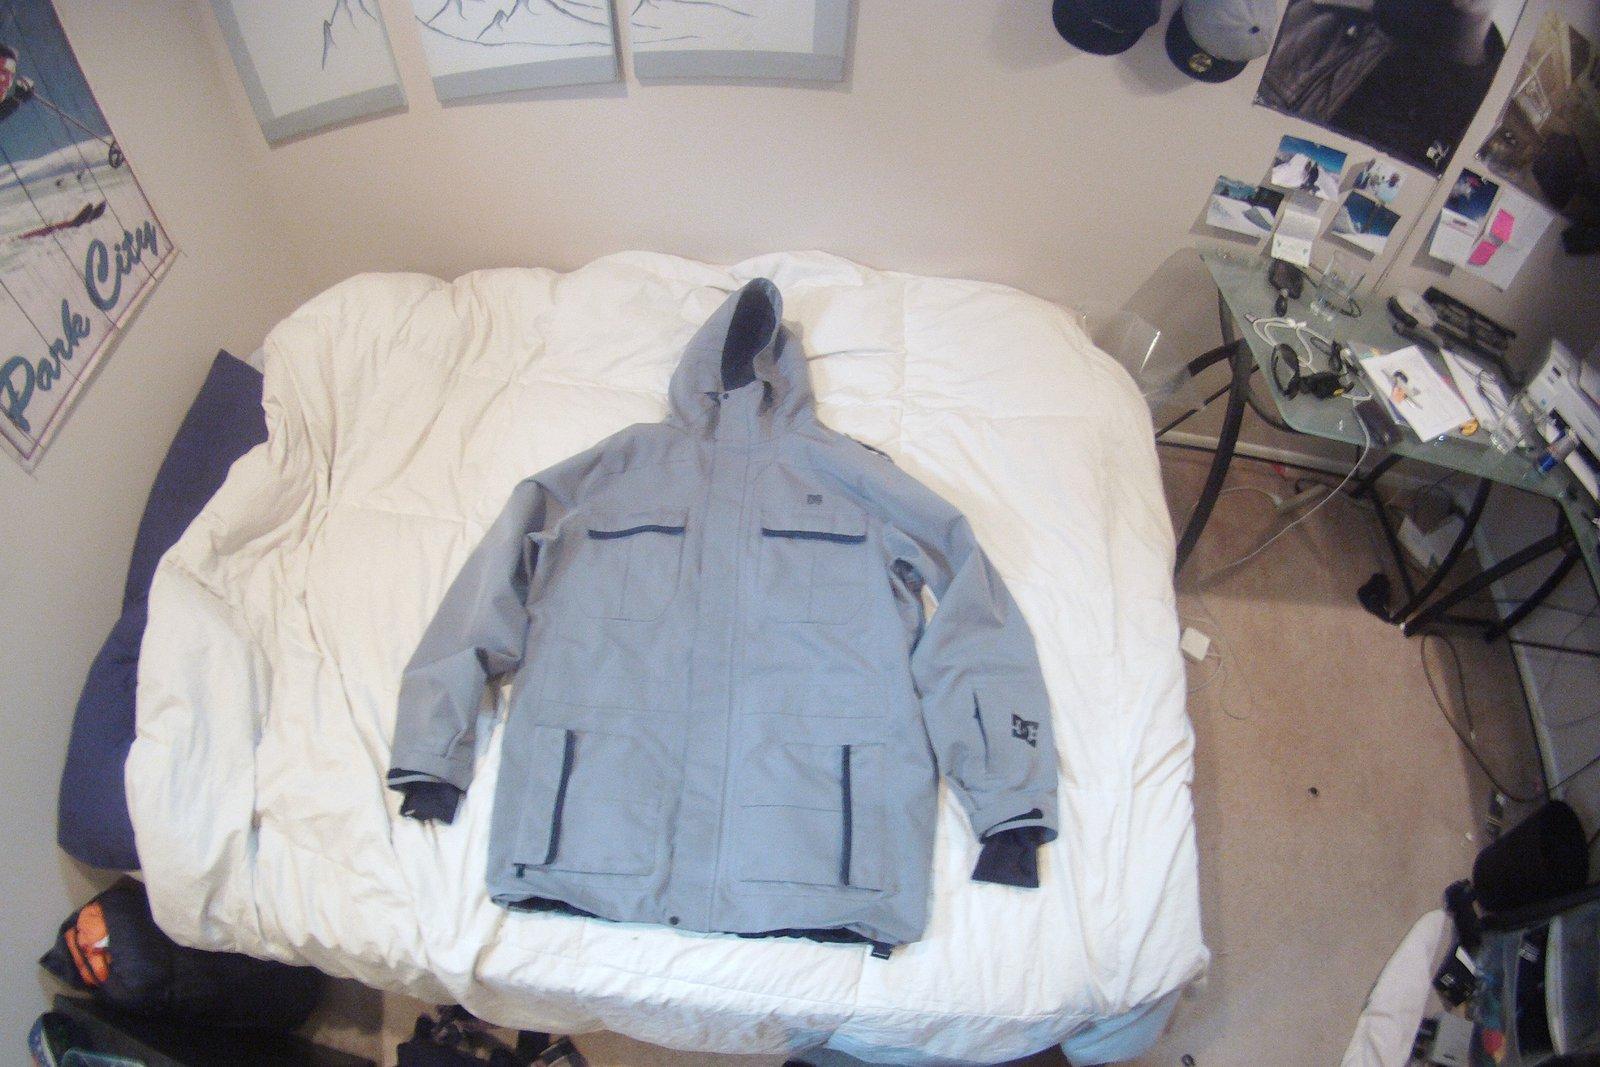 XXL DC Jacket for sale